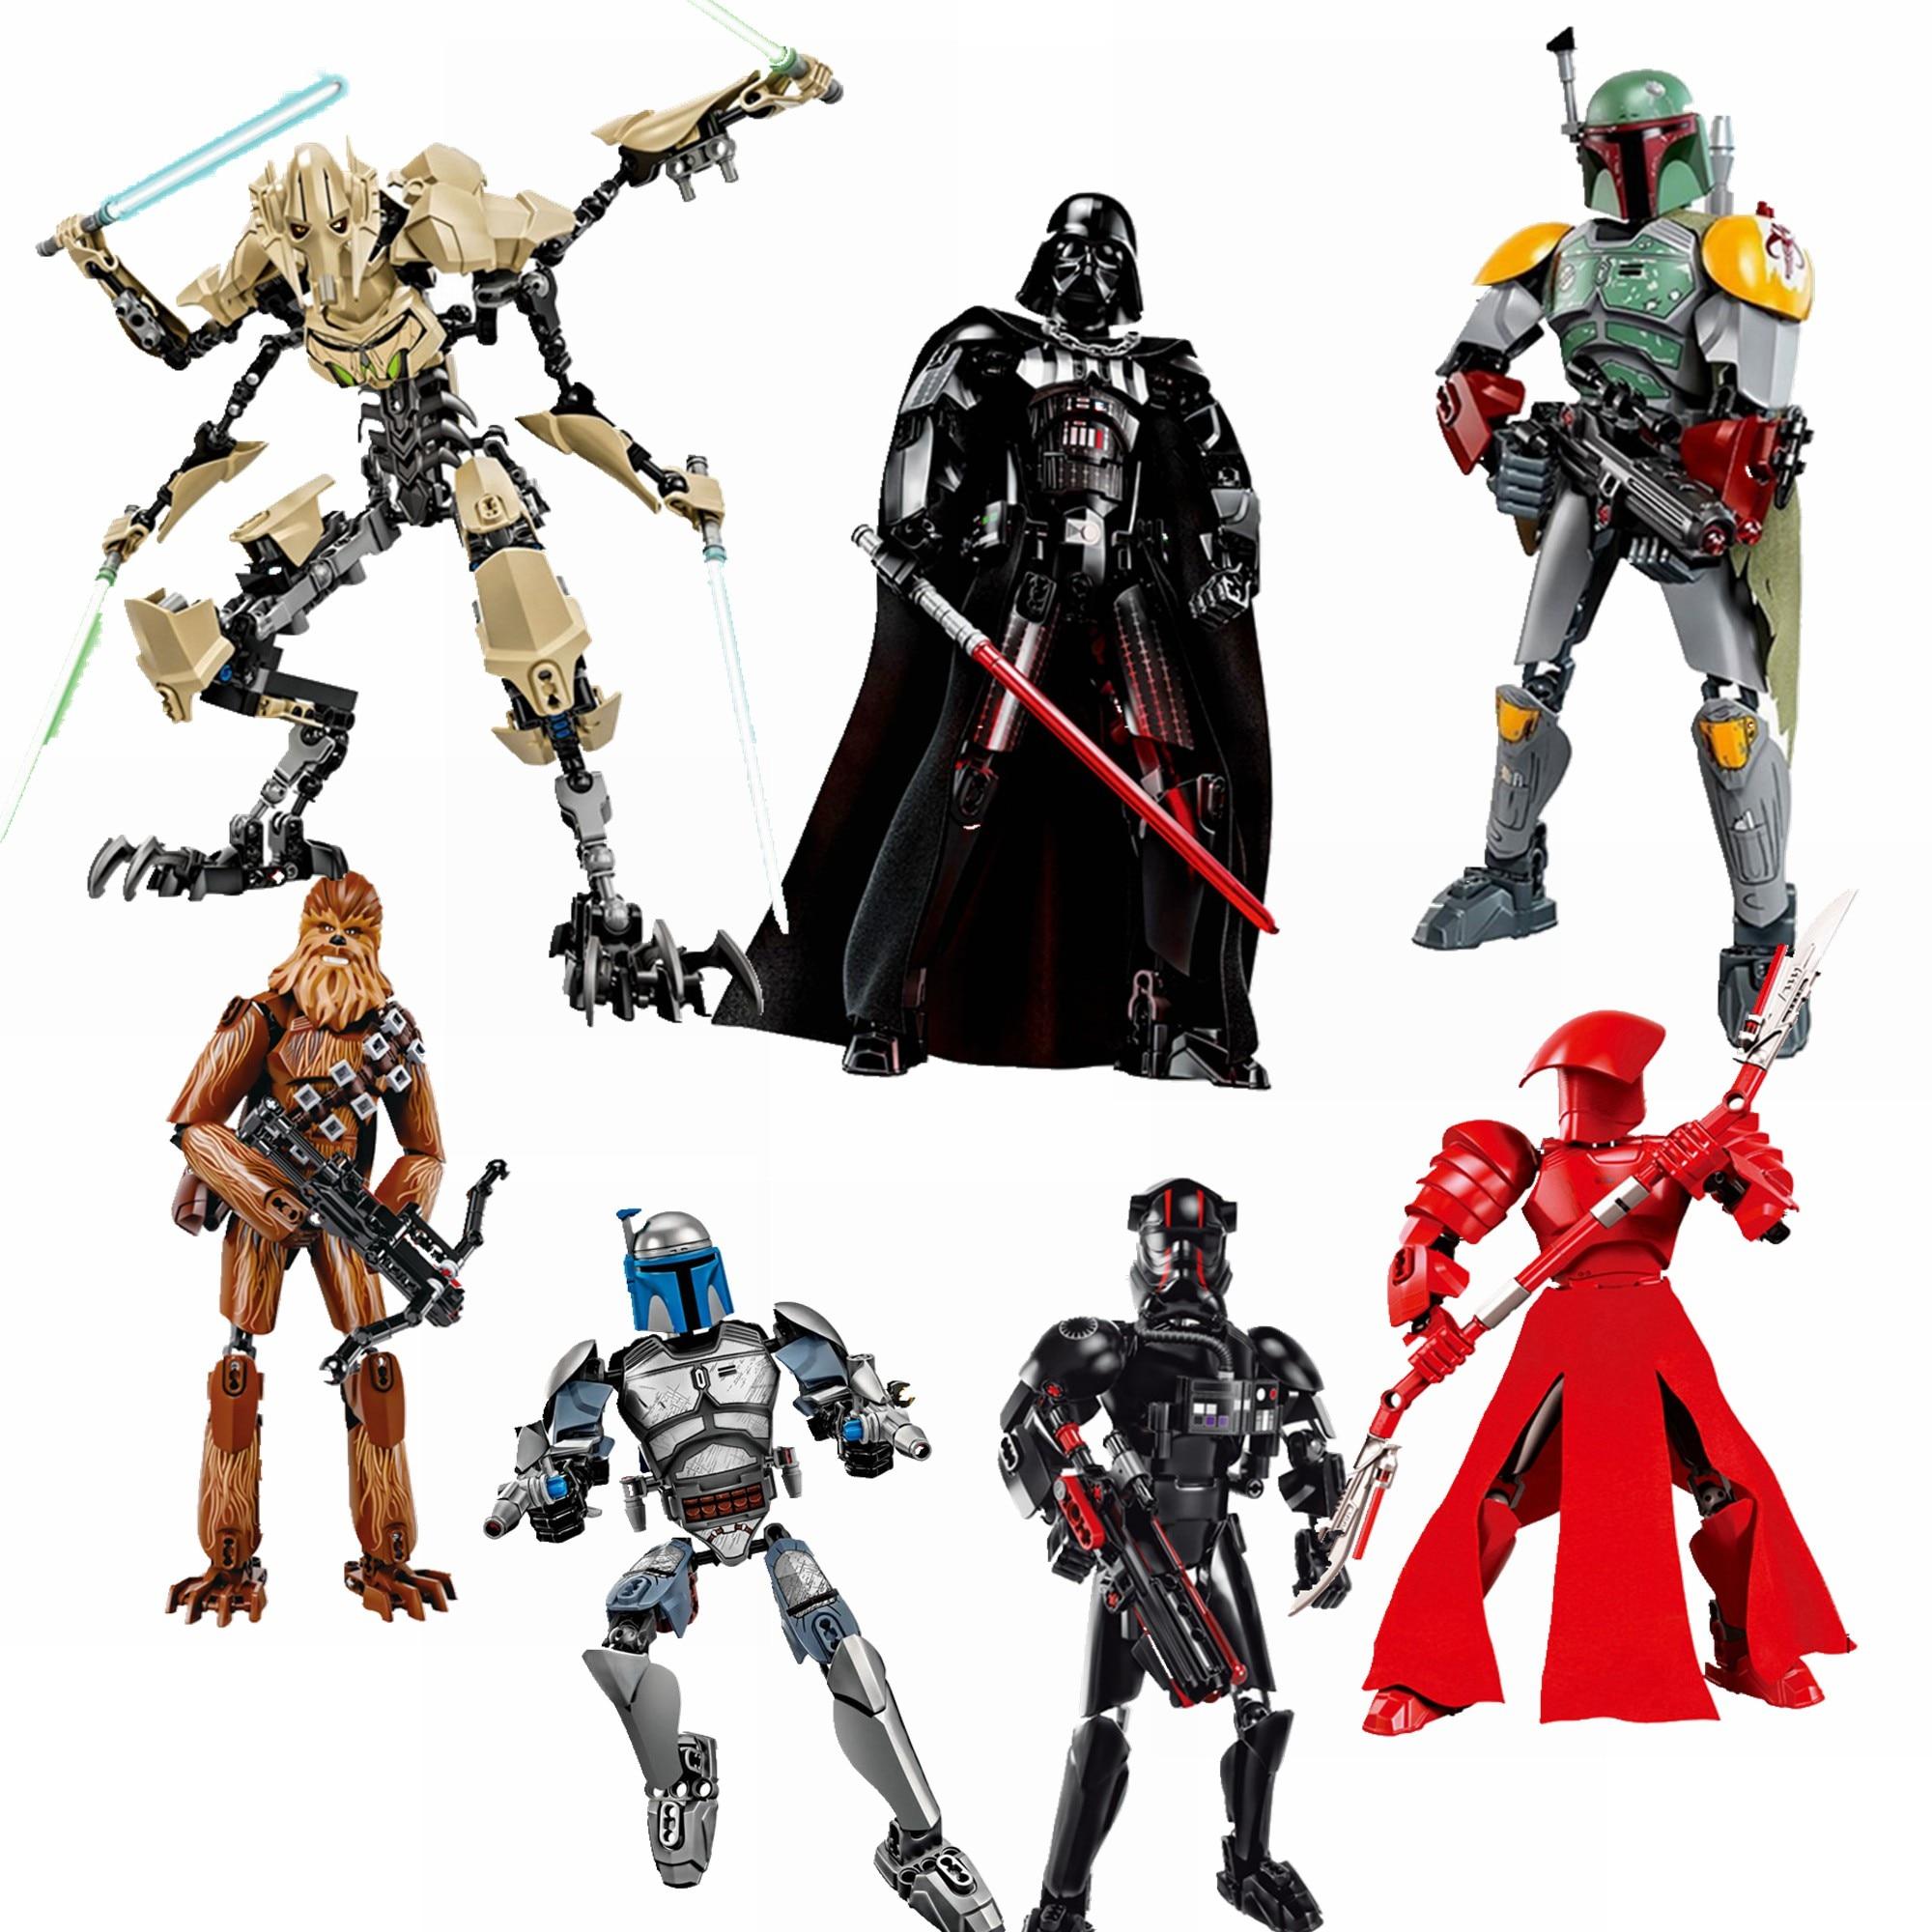 Legoing Star Wars Elite guardias pretorianos Darth Vader, el General Grievous Juguetes de bloques de construcción para niños Legoing camiseta 75528